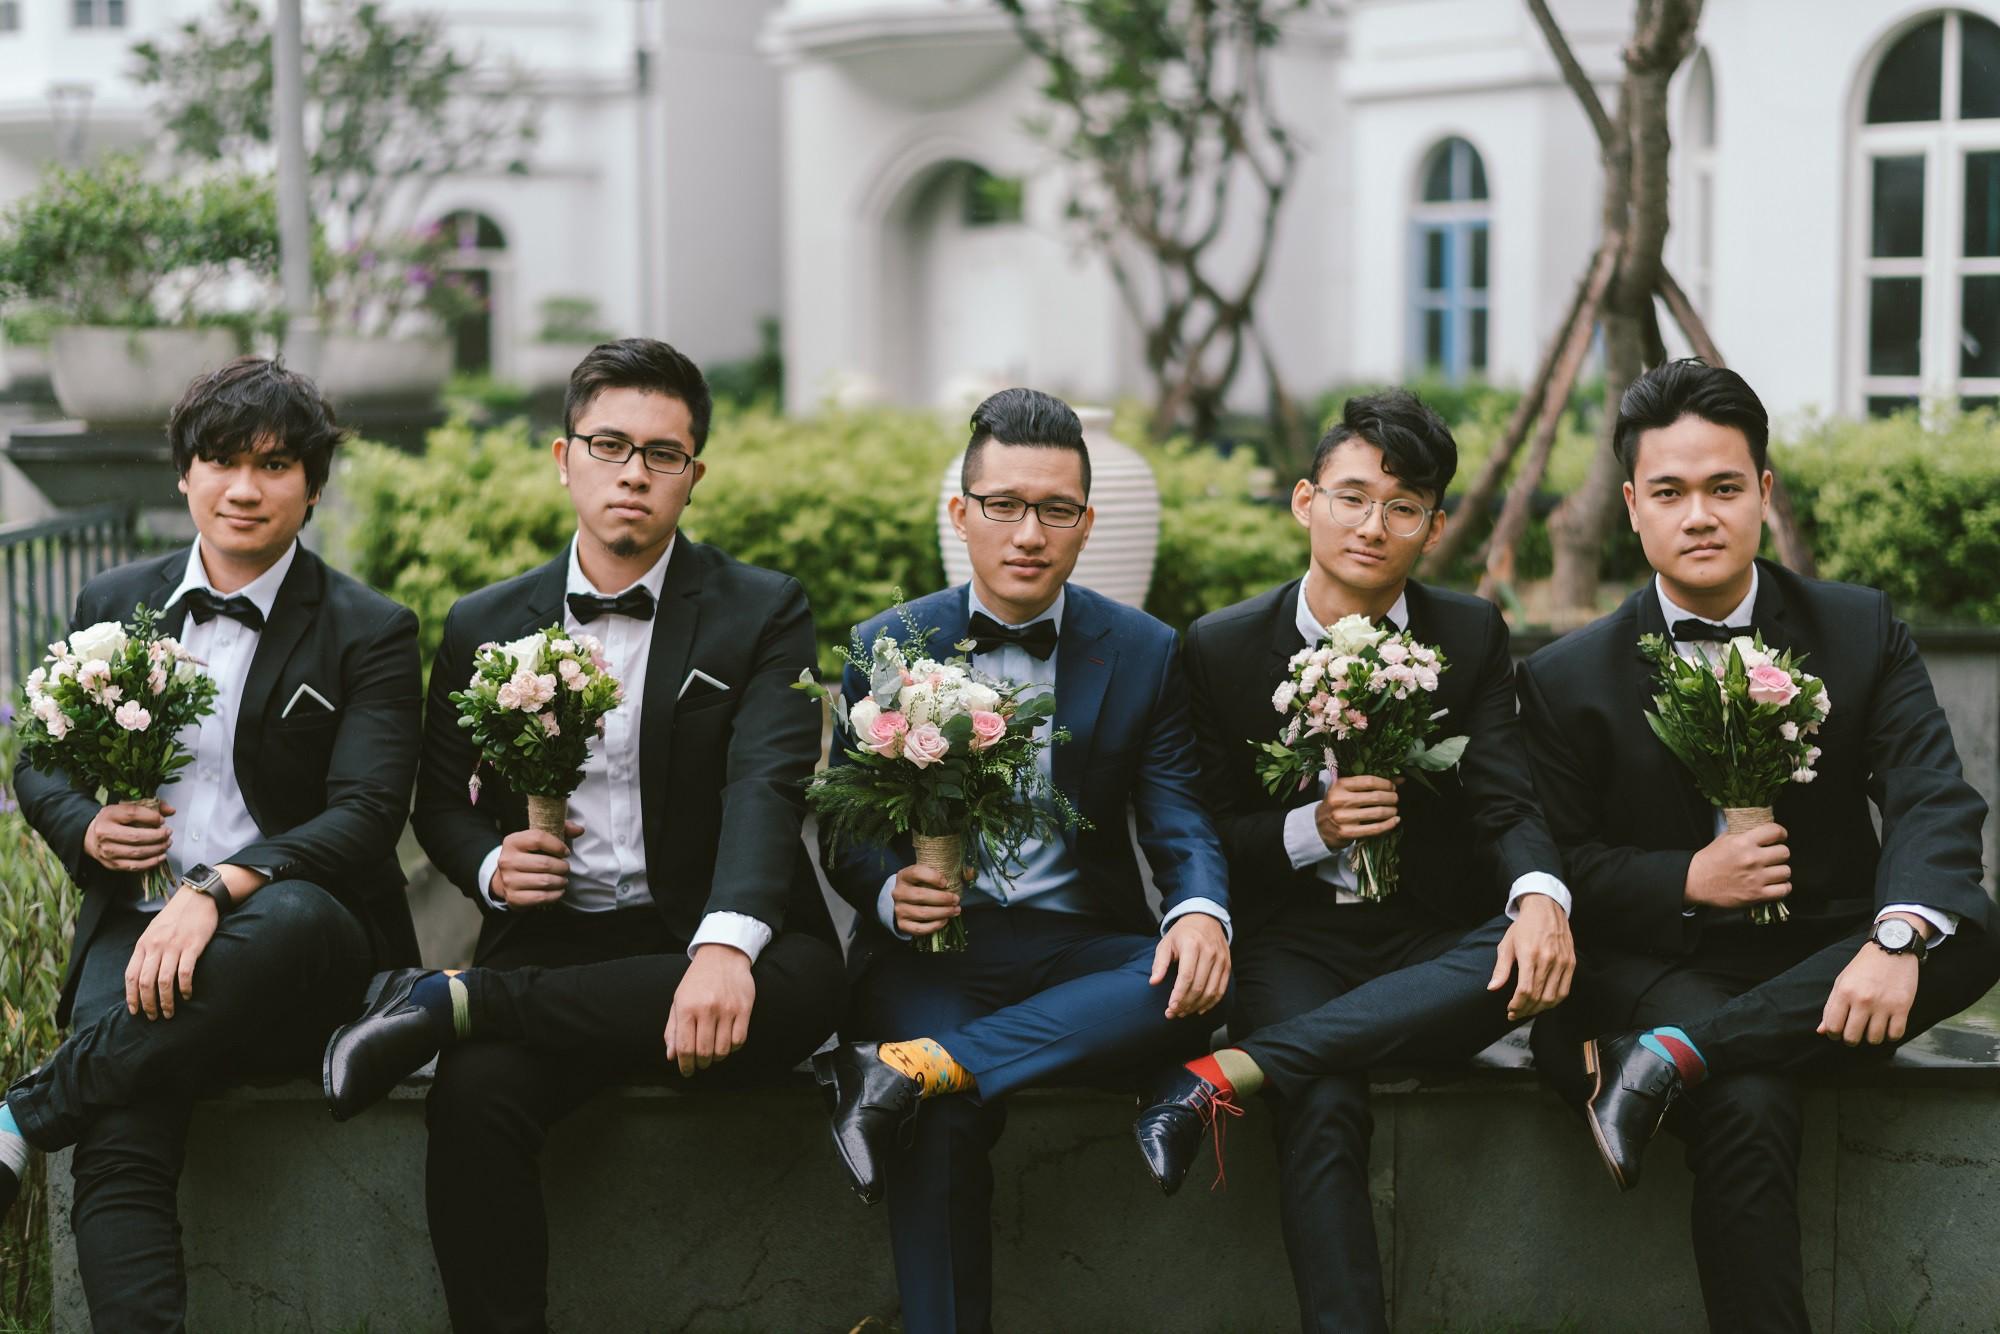 Em gái Trấn Thành kết hôn với bạn trai Hồng Kông, tung bộ ảnh cưới nhắng nhít cùng hội bạn thân - Ảnh 9.